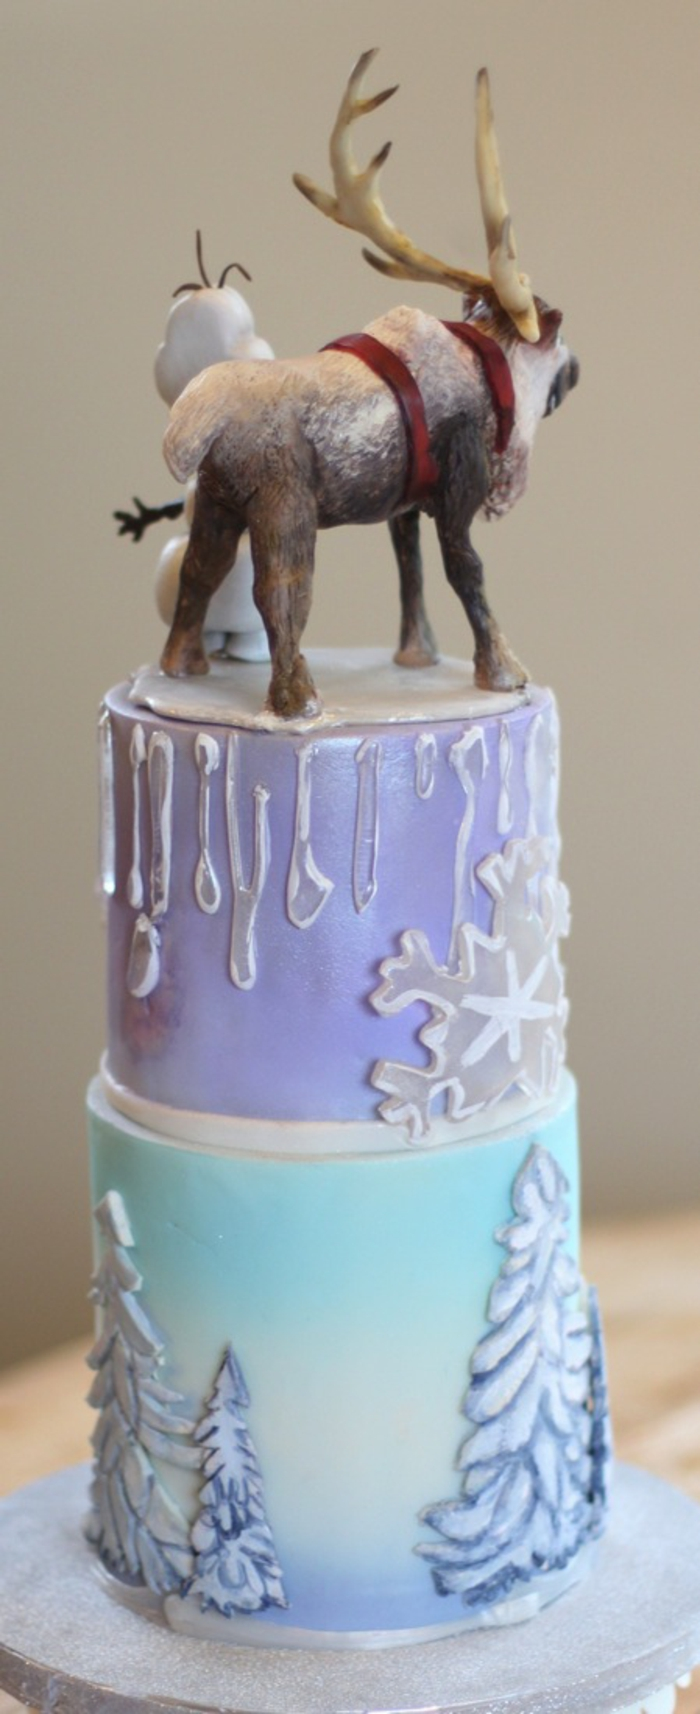 anniversaire-gâteau-la-reine-des-neiges-anna-elsa-olaf-gateaux-reine-des-neiges-idée